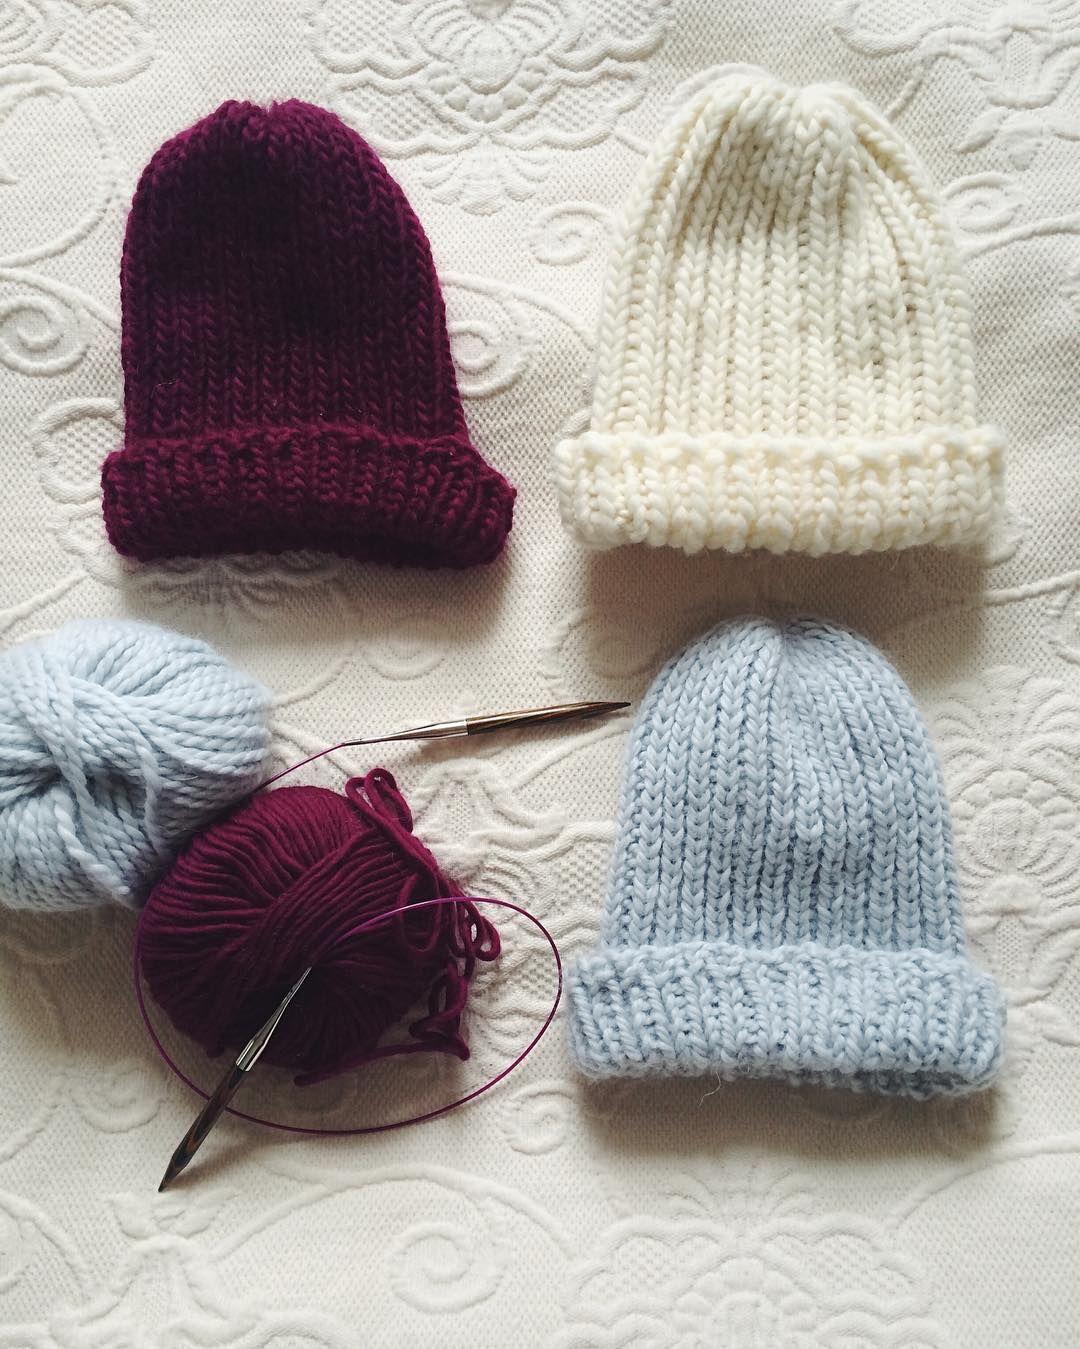 Tuto tricot   un bonnet à côtes - Marie Claire Idées Bonnets, Plein, Petites f298e4784af